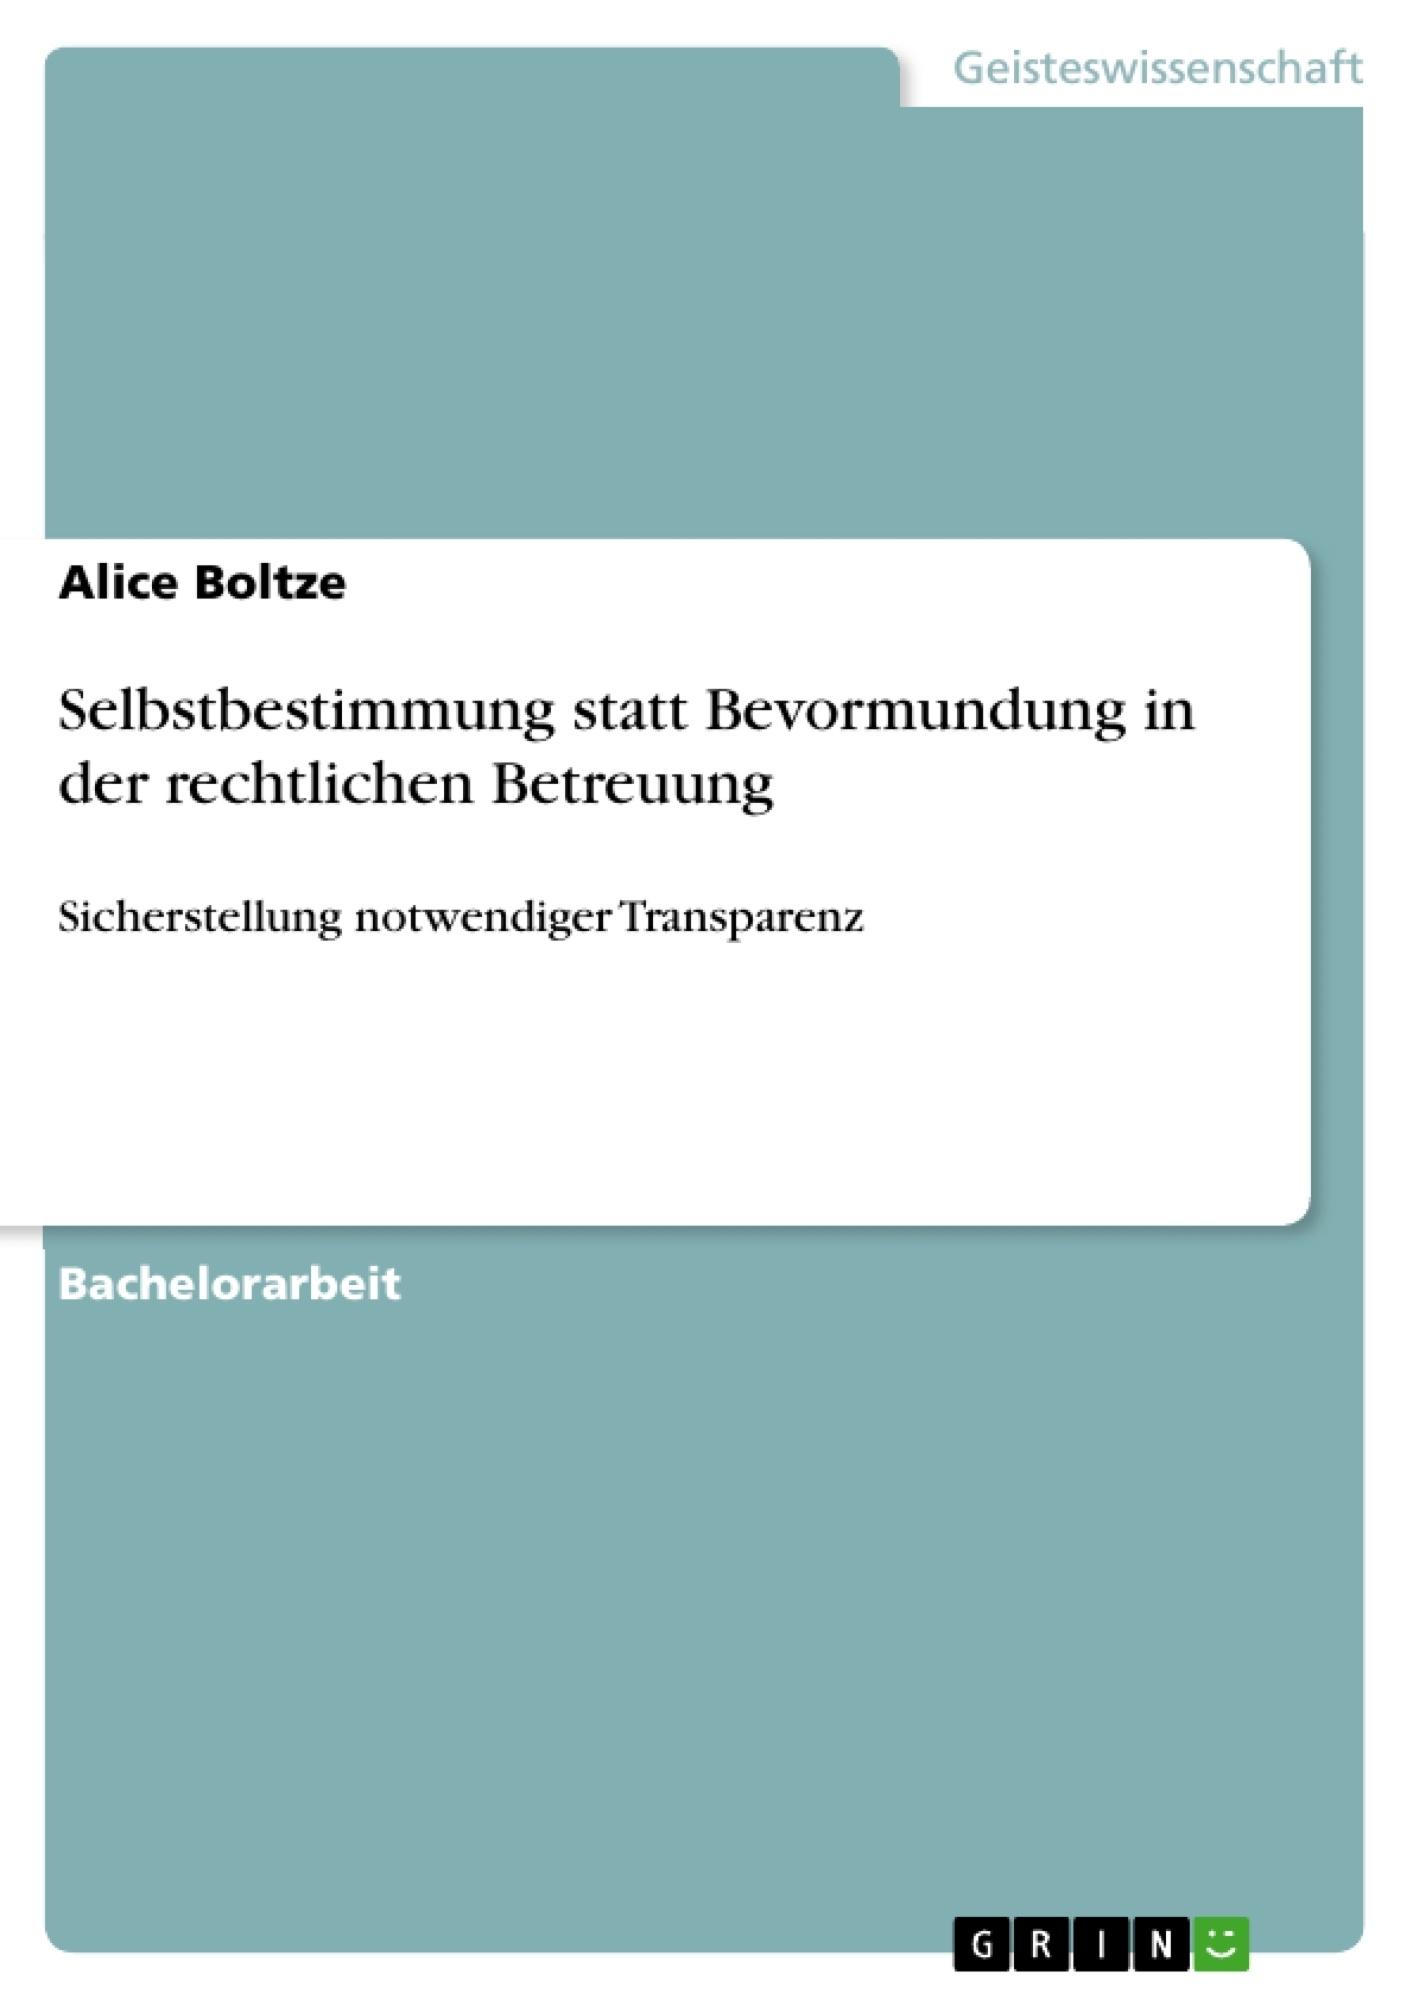 Titel: Selbstbestimmung statt Bevormundung in der rechtlichen Betreuung